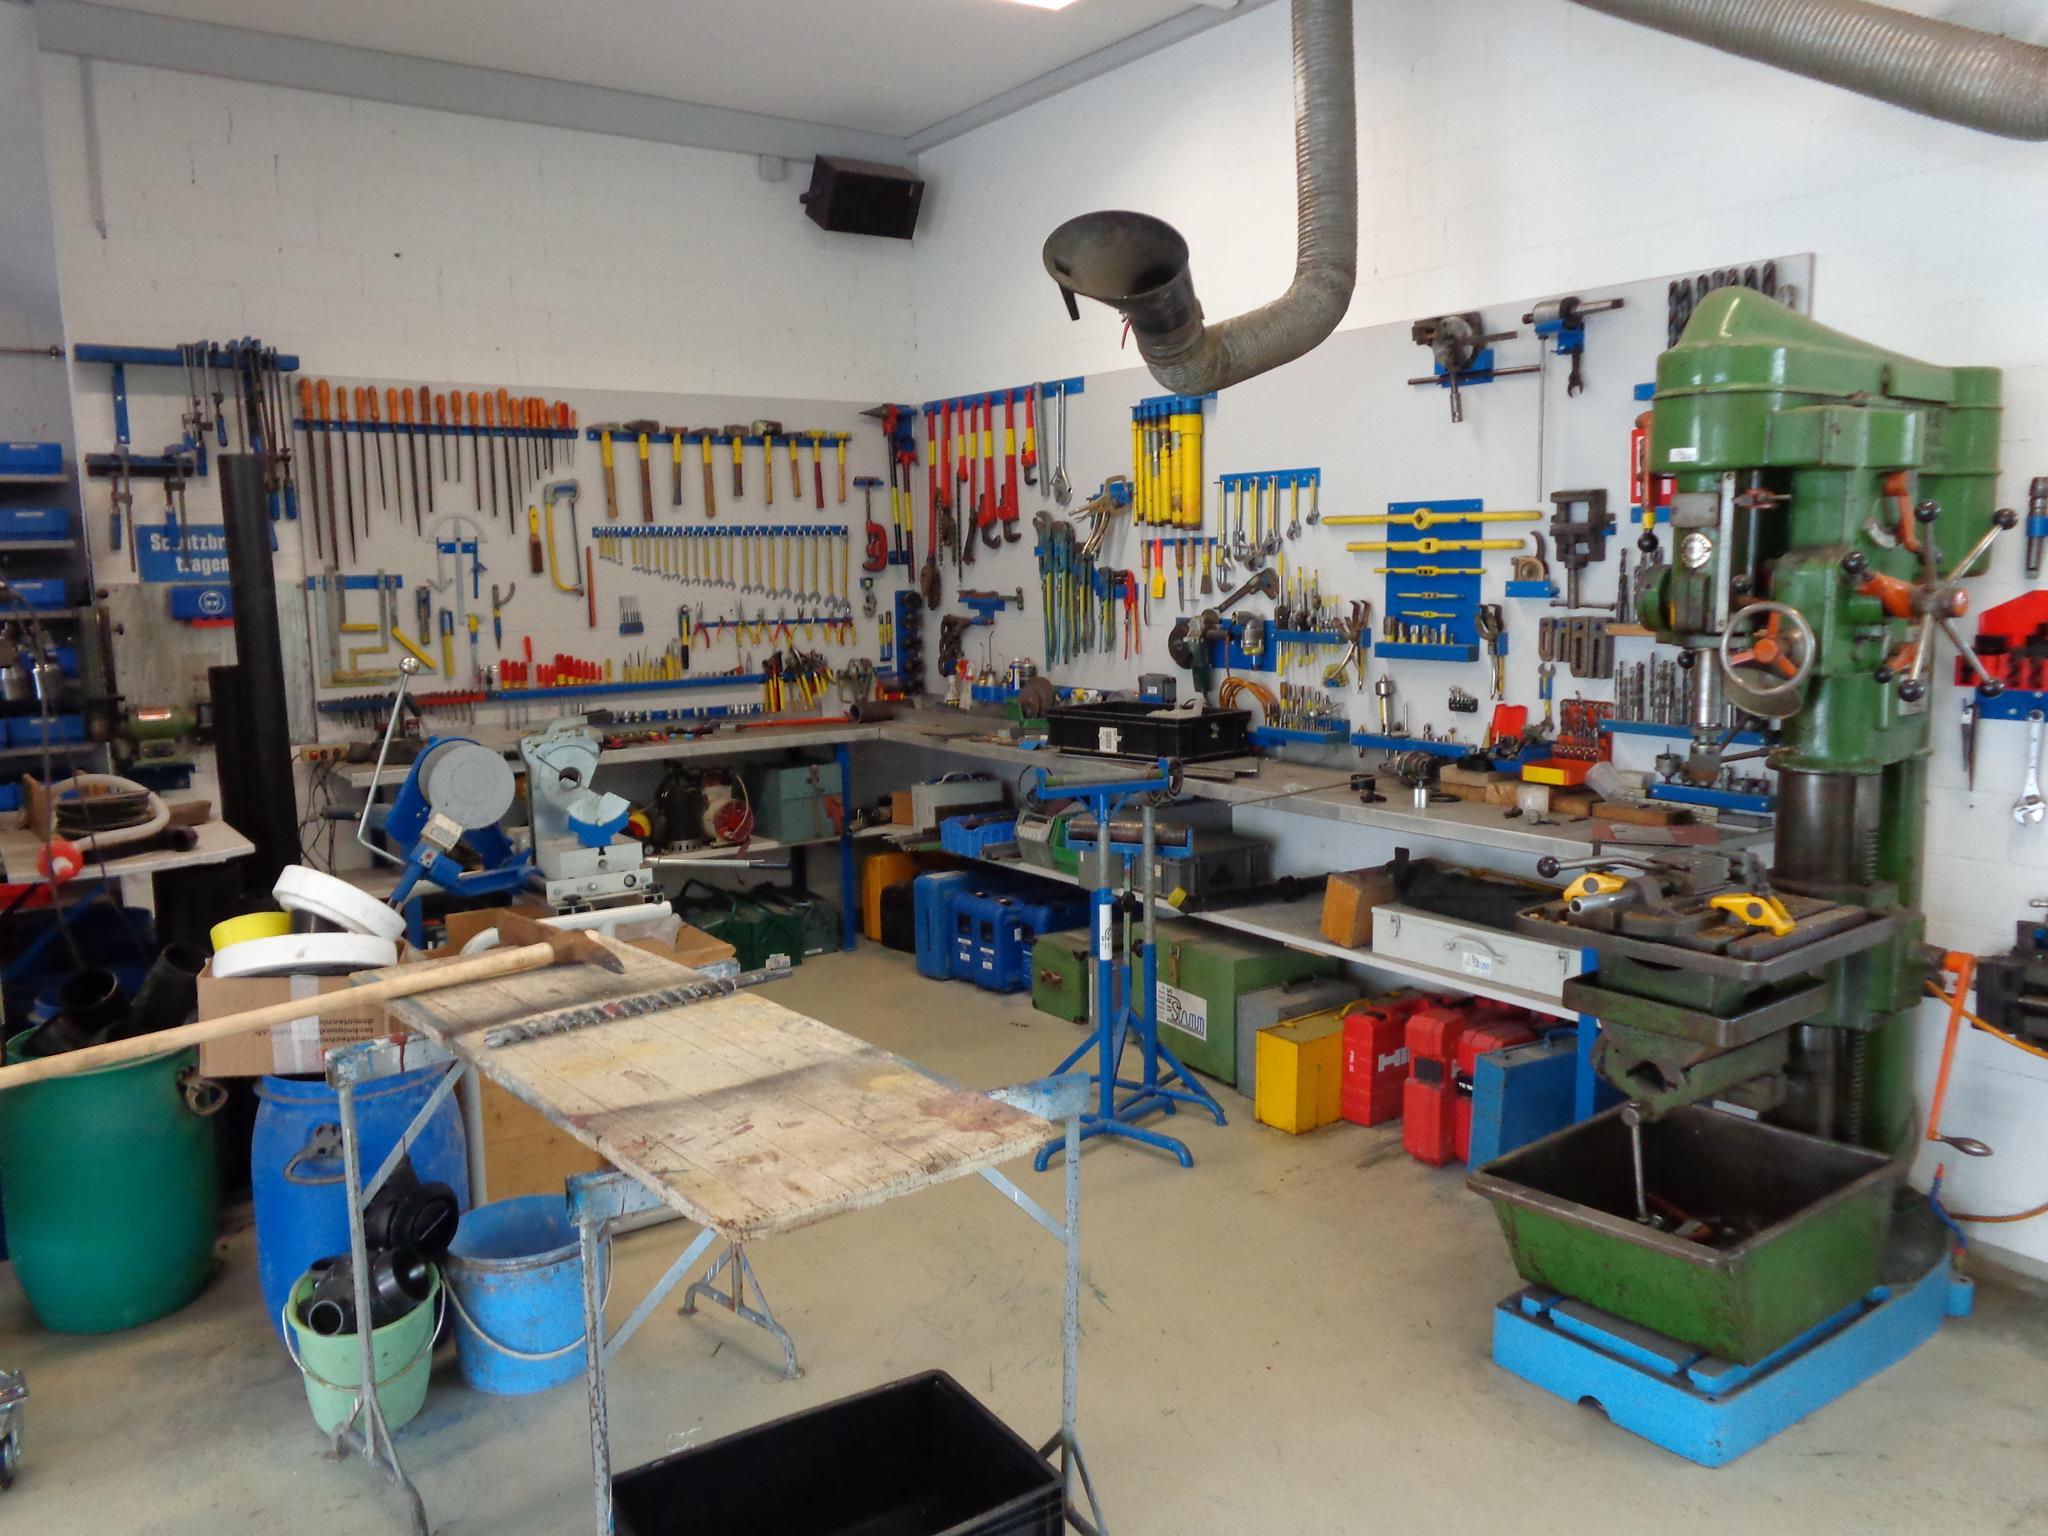 Werkstatt Einrichten Werkstatt With Werkstatt Einrichten